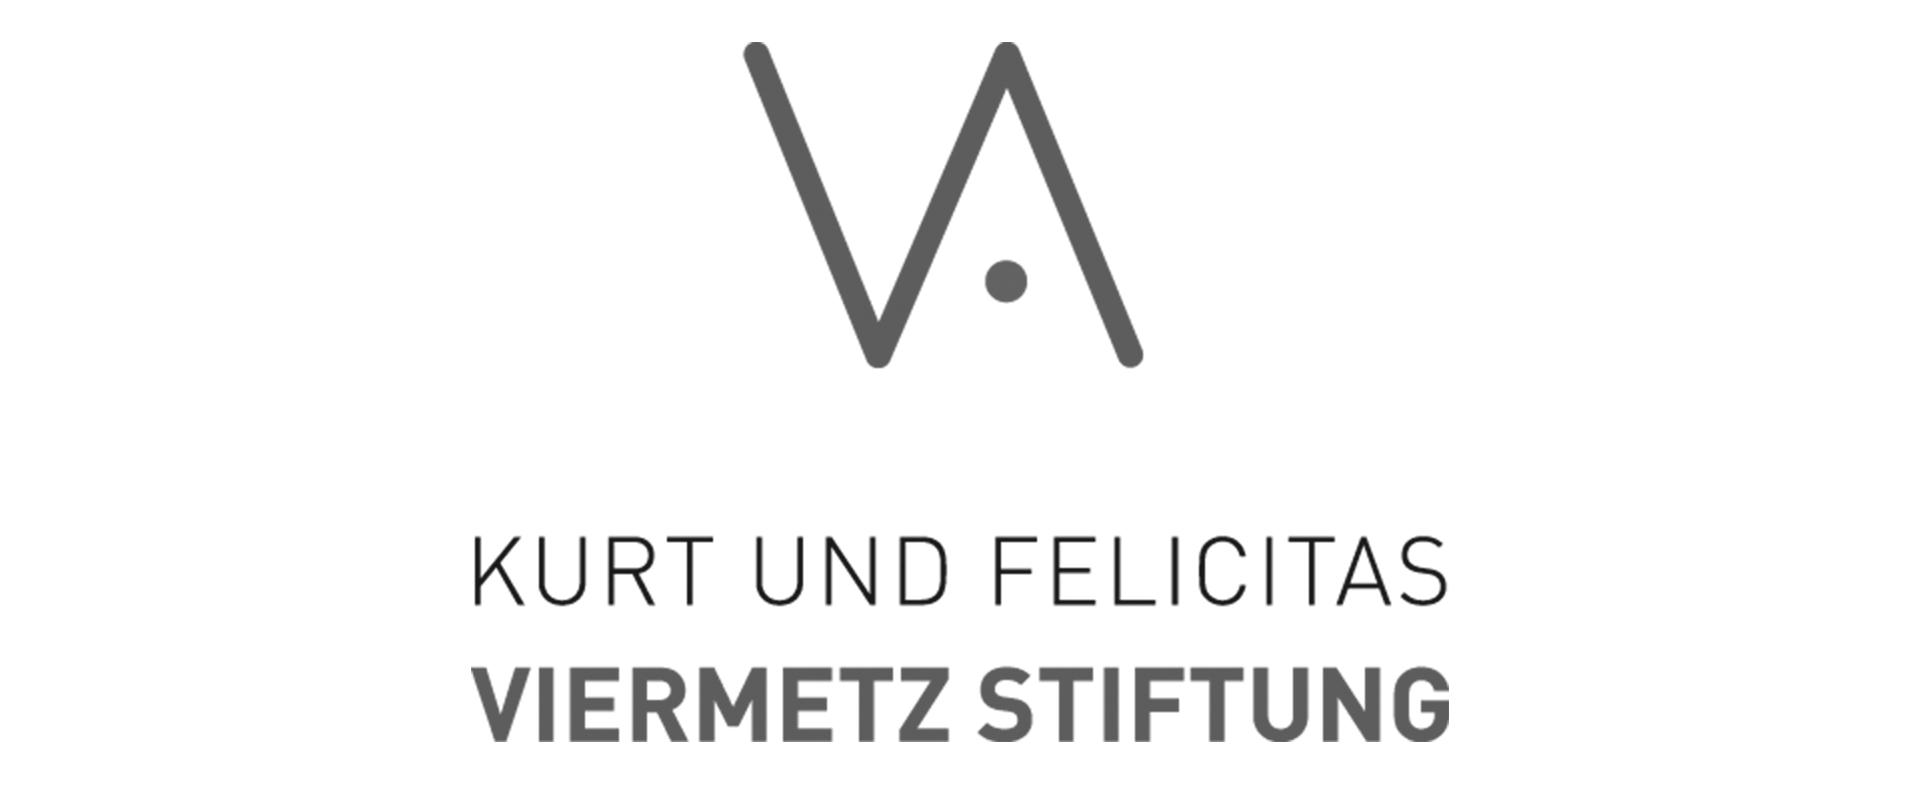 Kurt und Felicitas Viermetz Stiftung